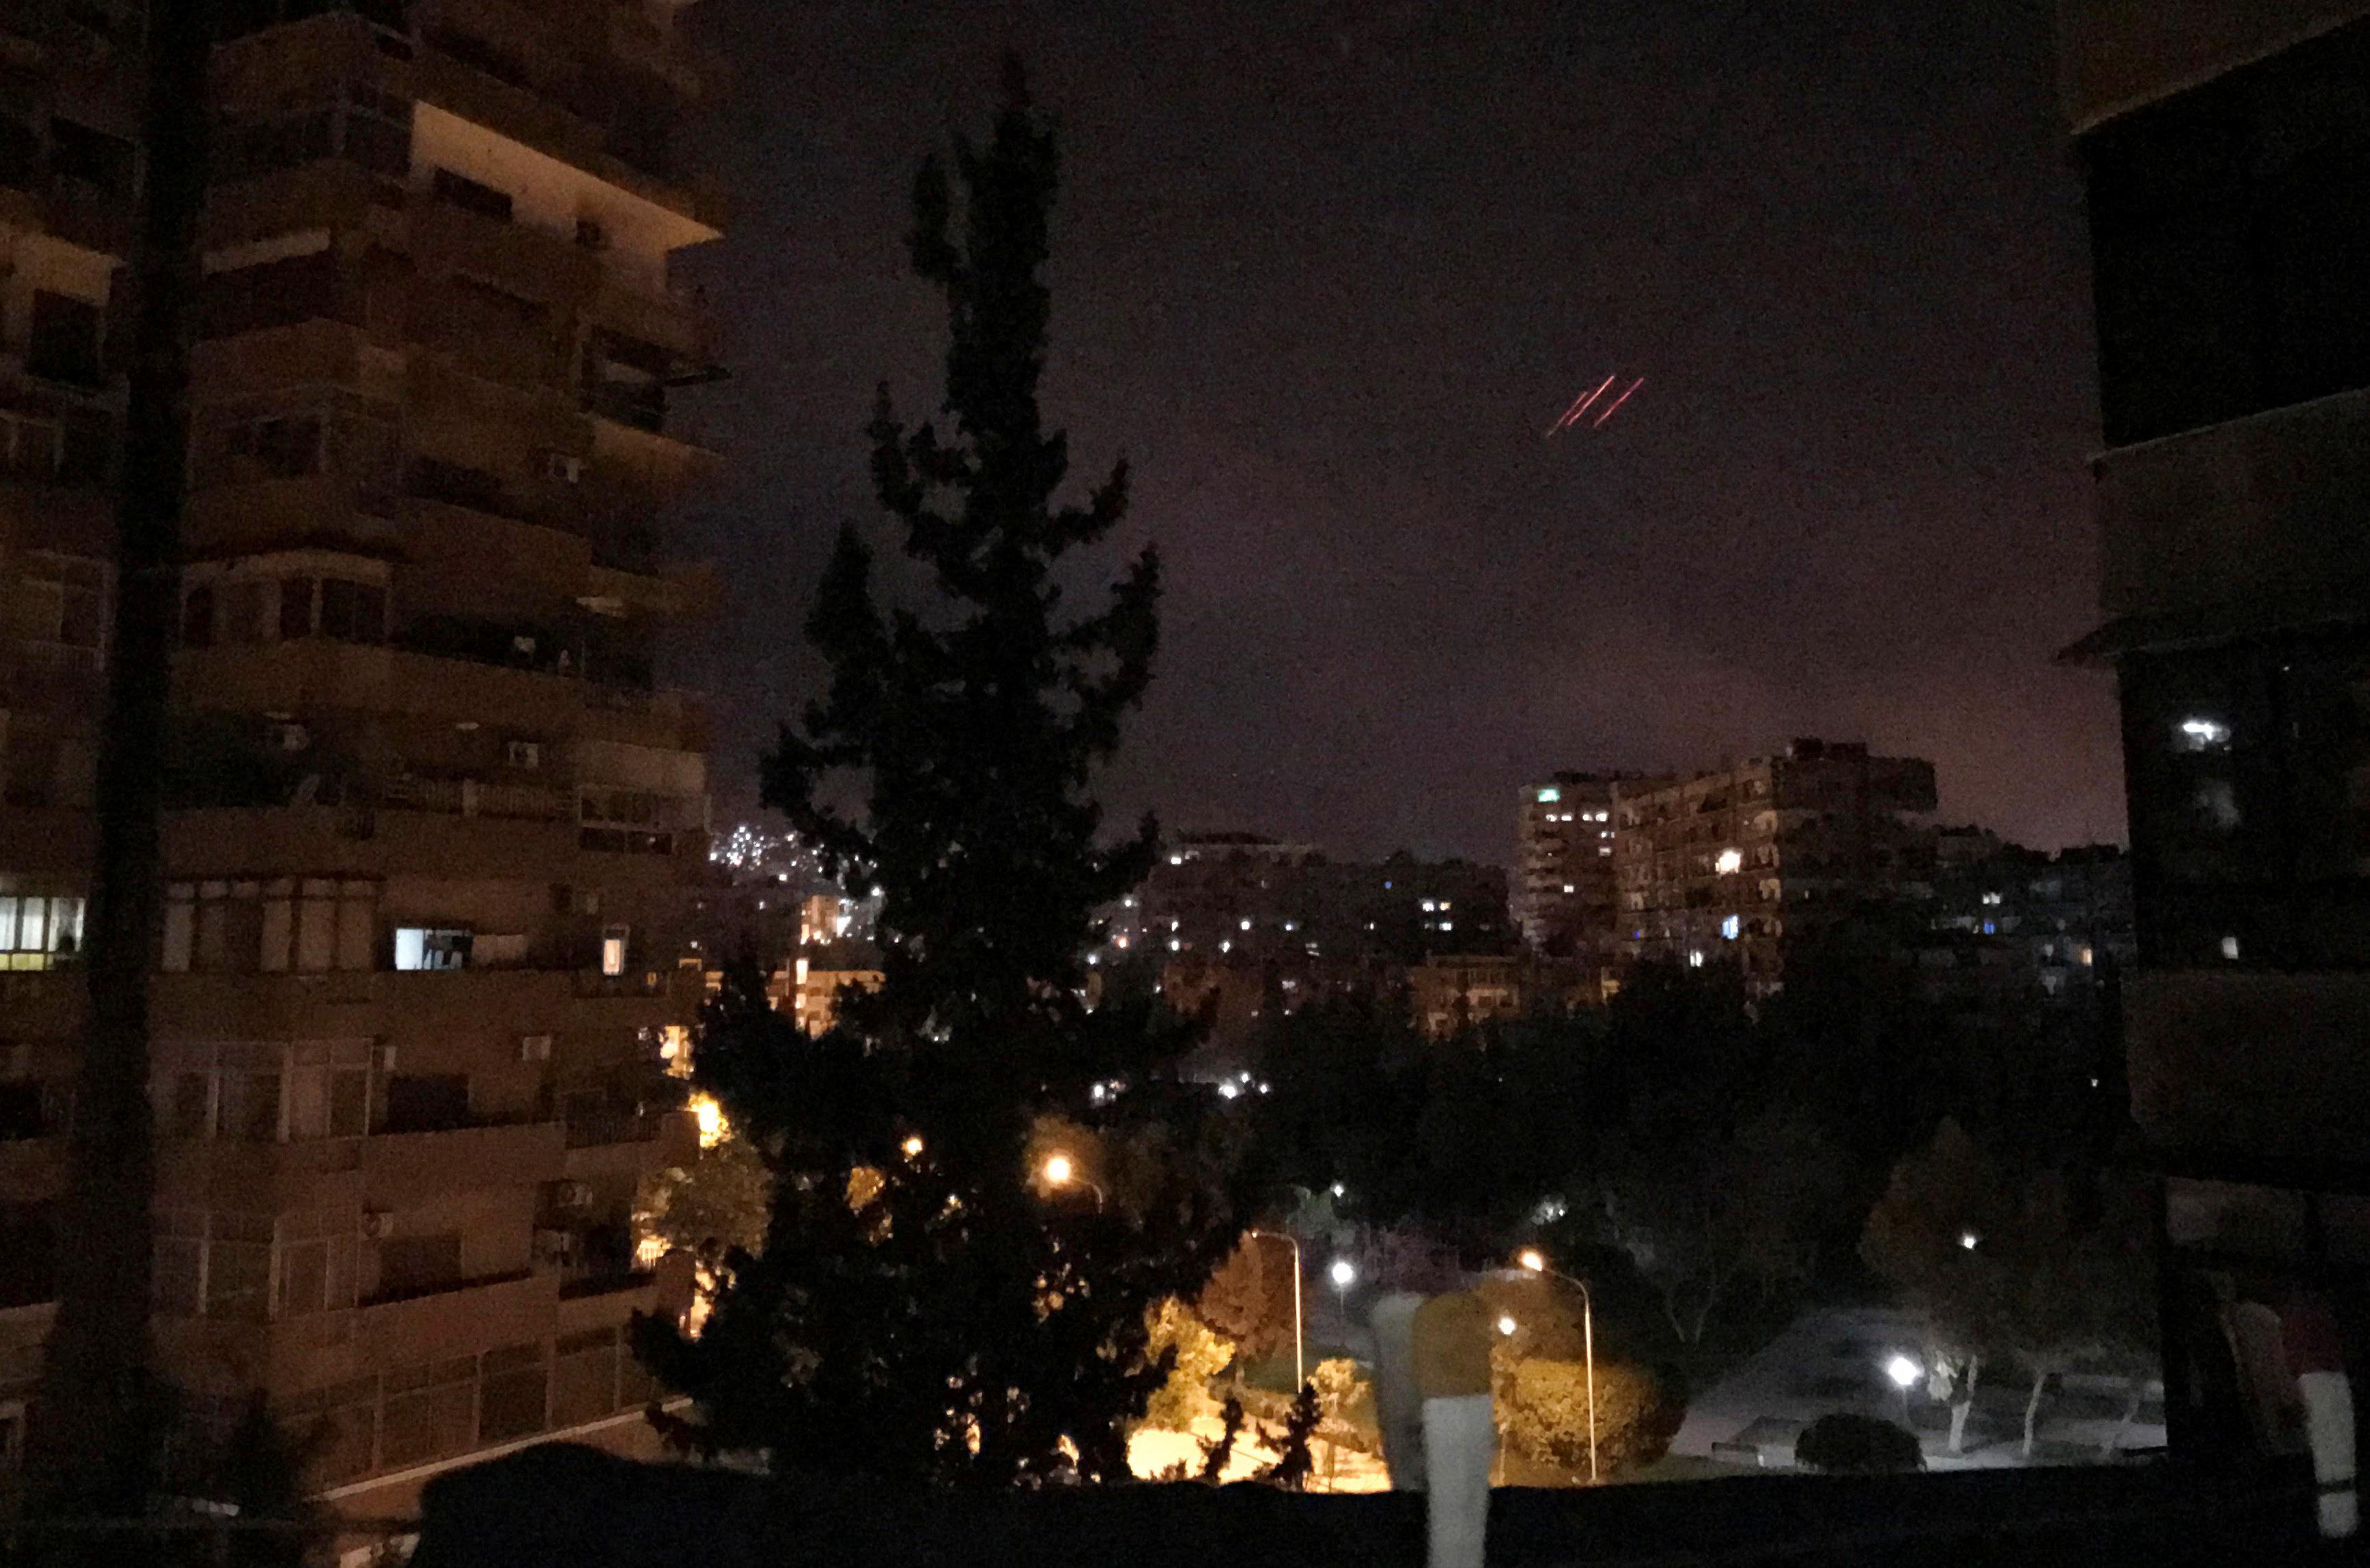 Τα fake videos της επίθεσης στη Συρία. Ποια είναι παλιά και ποια δείχνουν